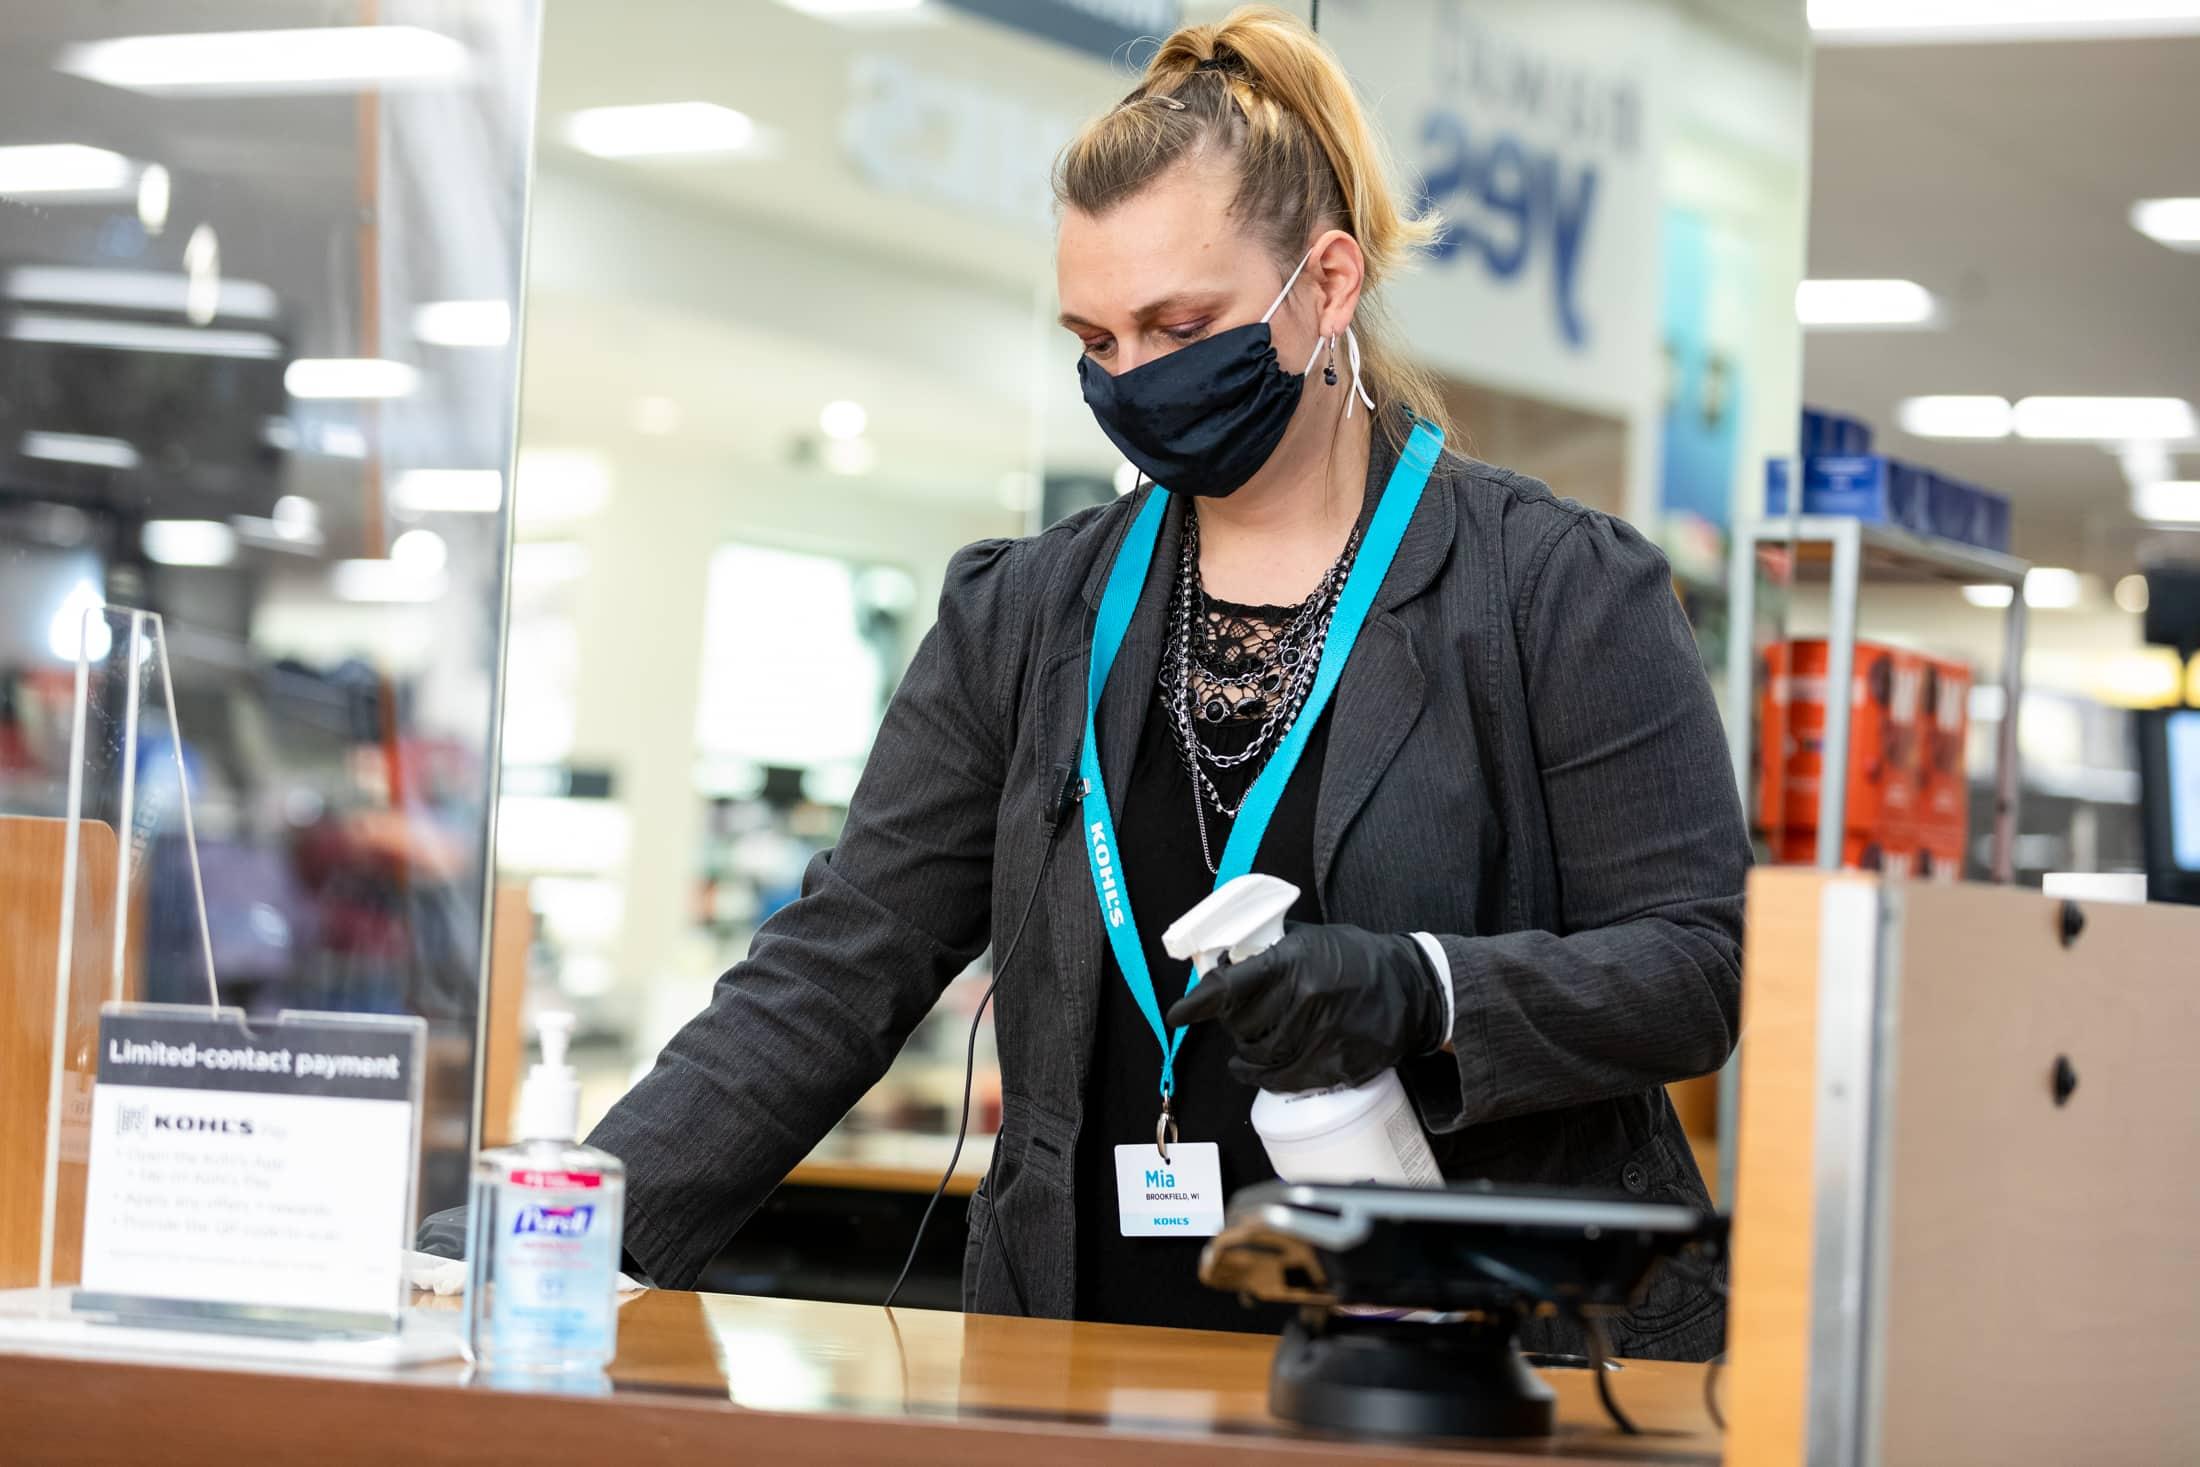 Kohl's Associate wearing PPE